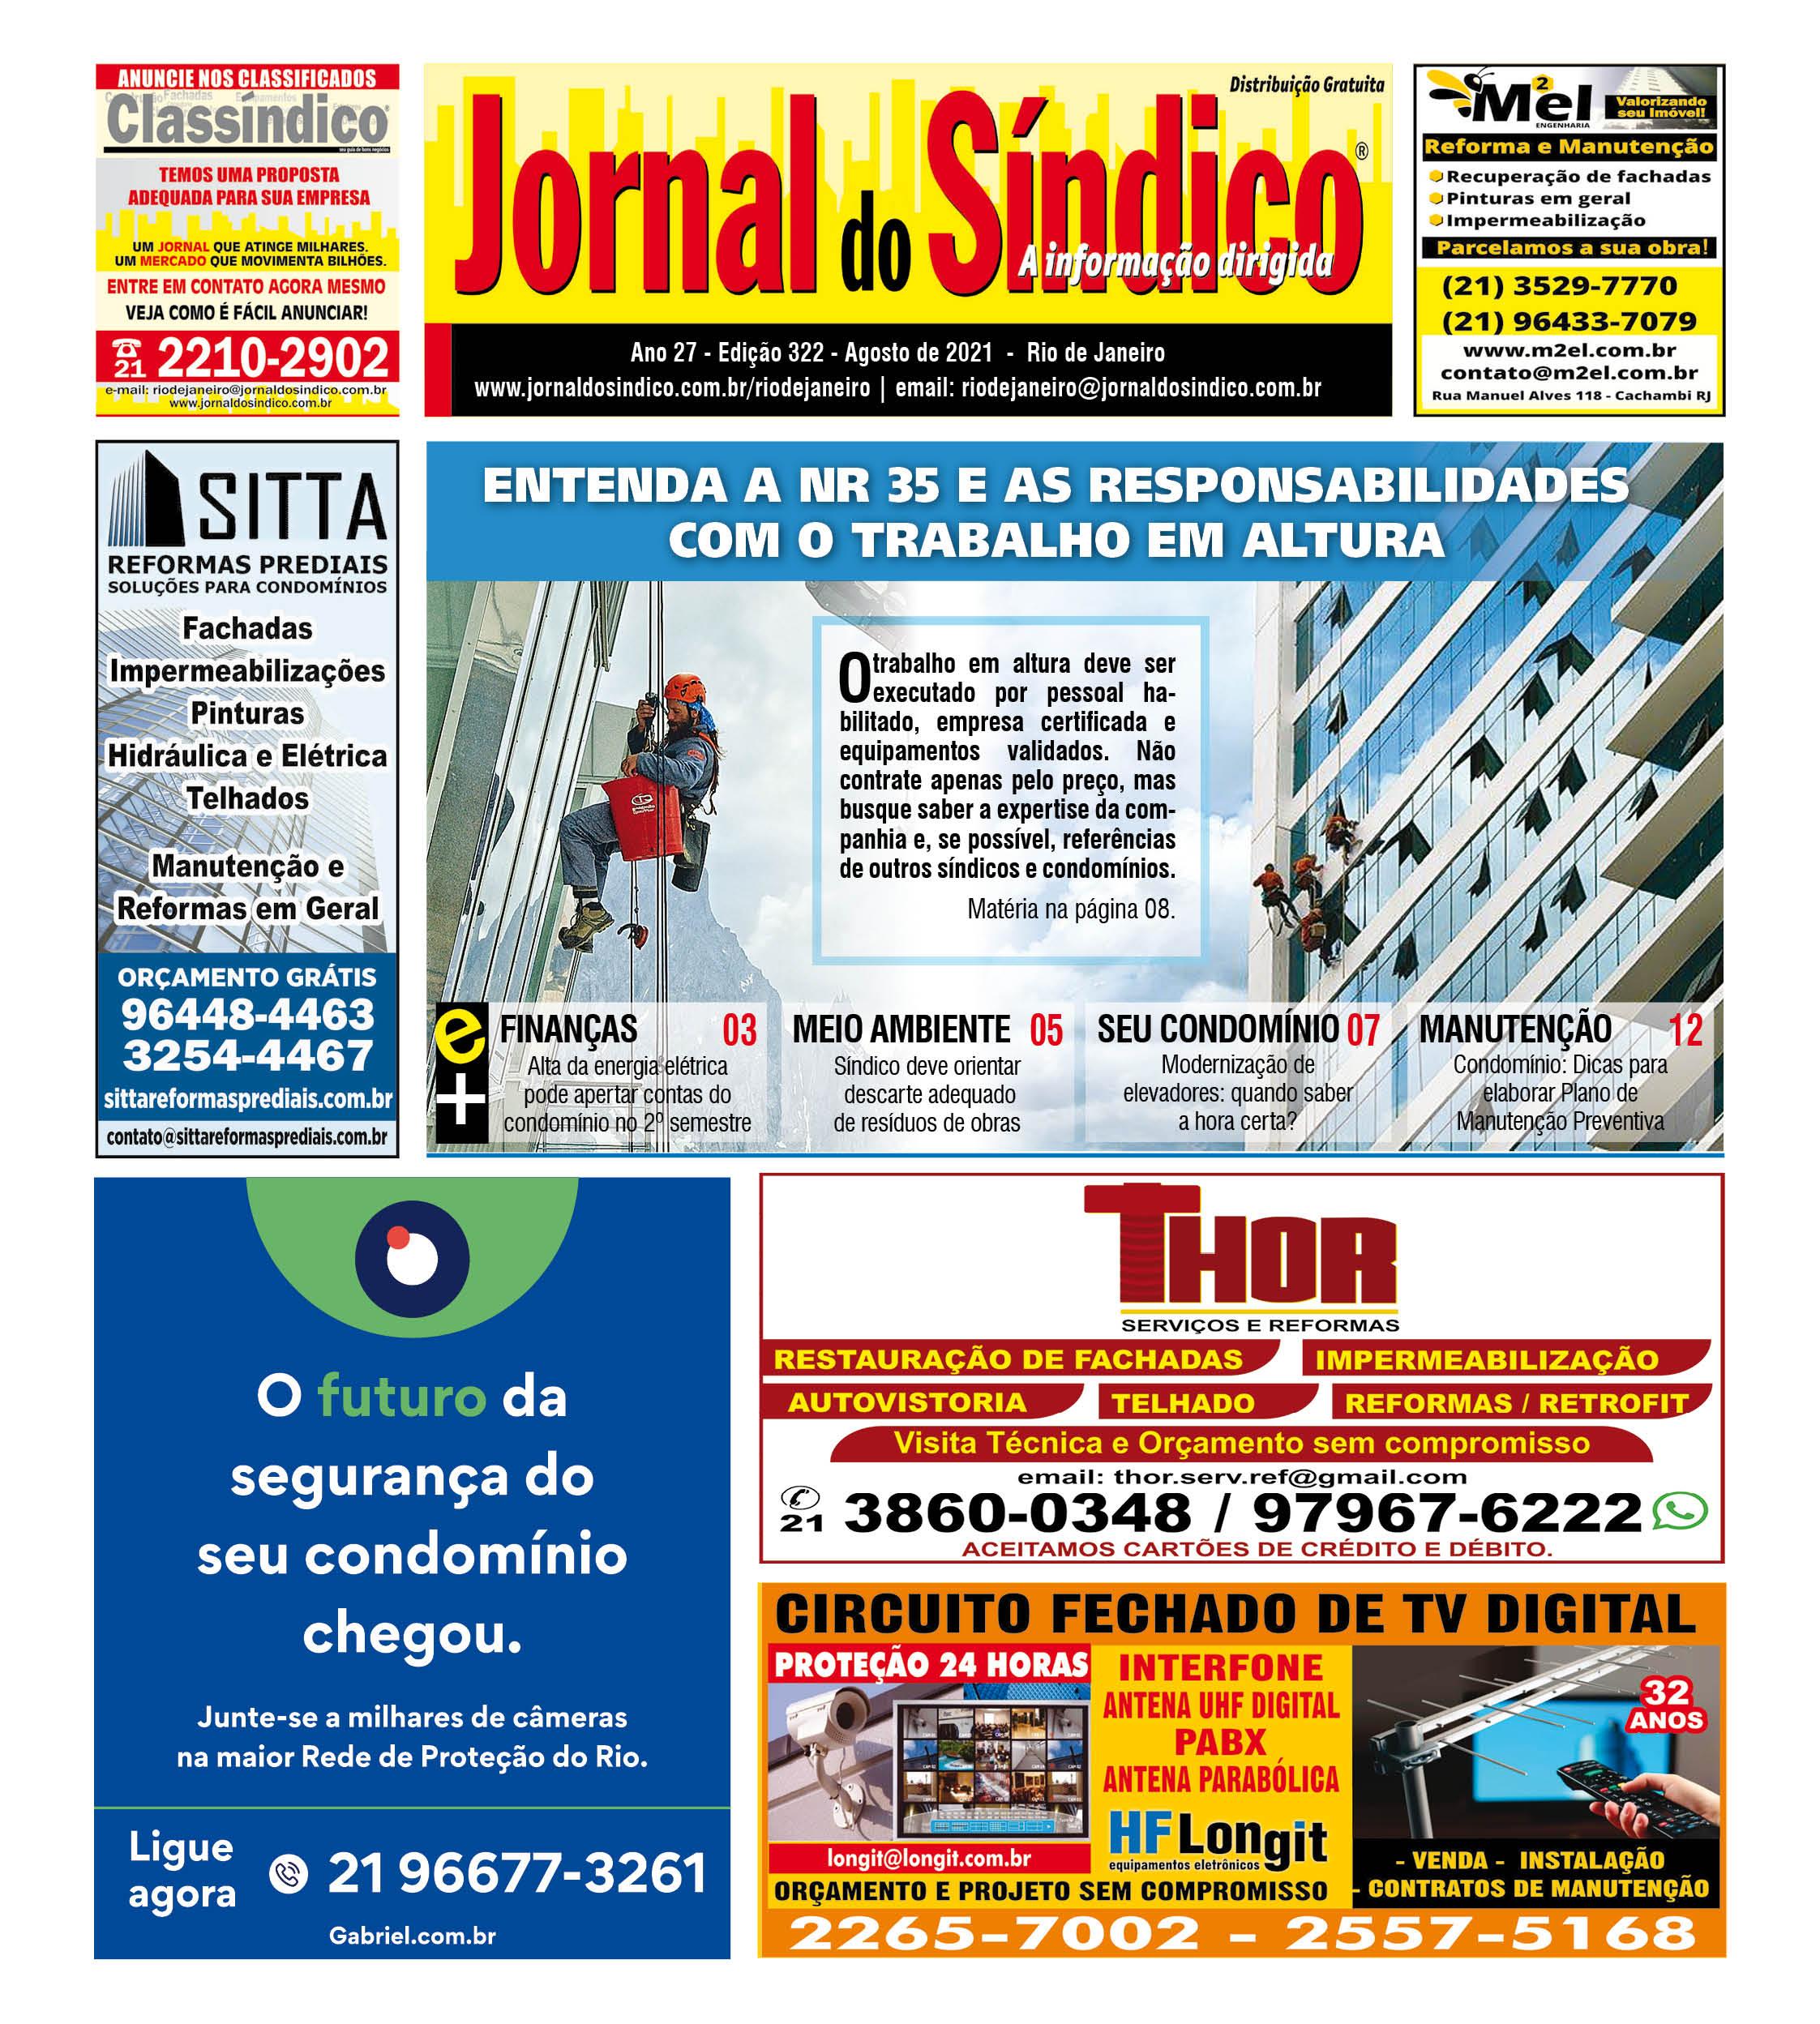 JSRJ 322 - AGOSTO 2021 - 12 paginas